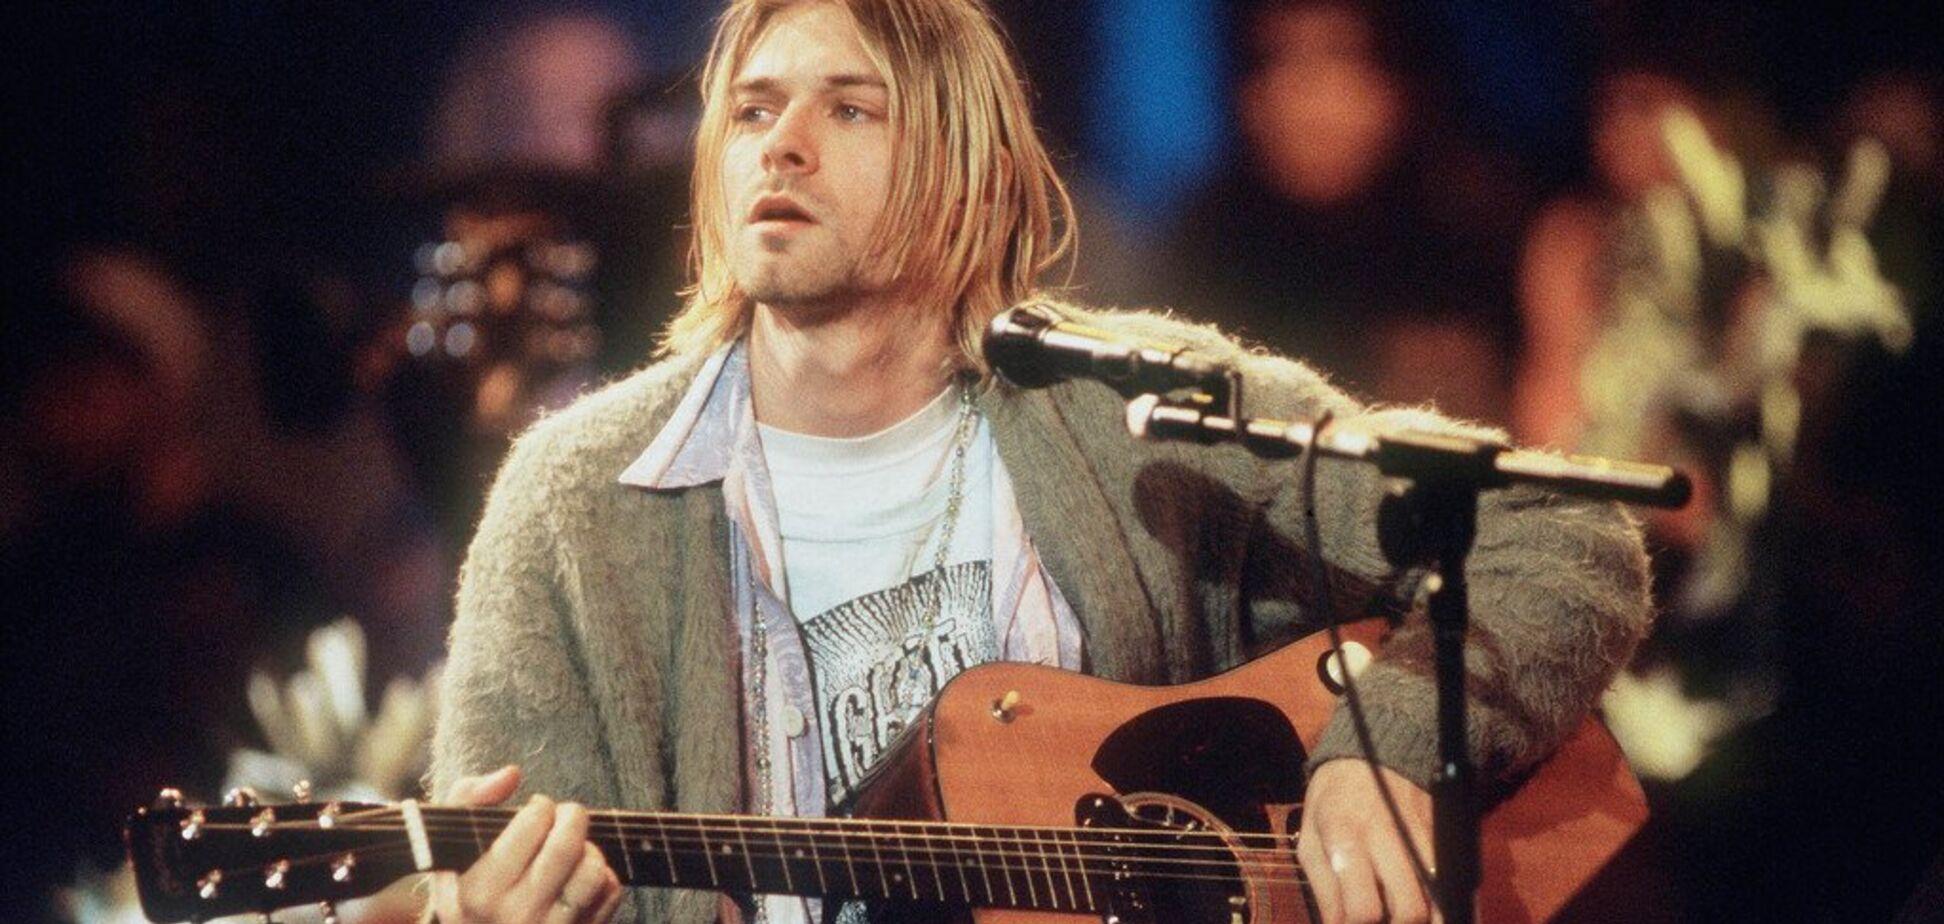 25 років від дня смерті Курта Кобейна: чому фанати не вірять у самогубство